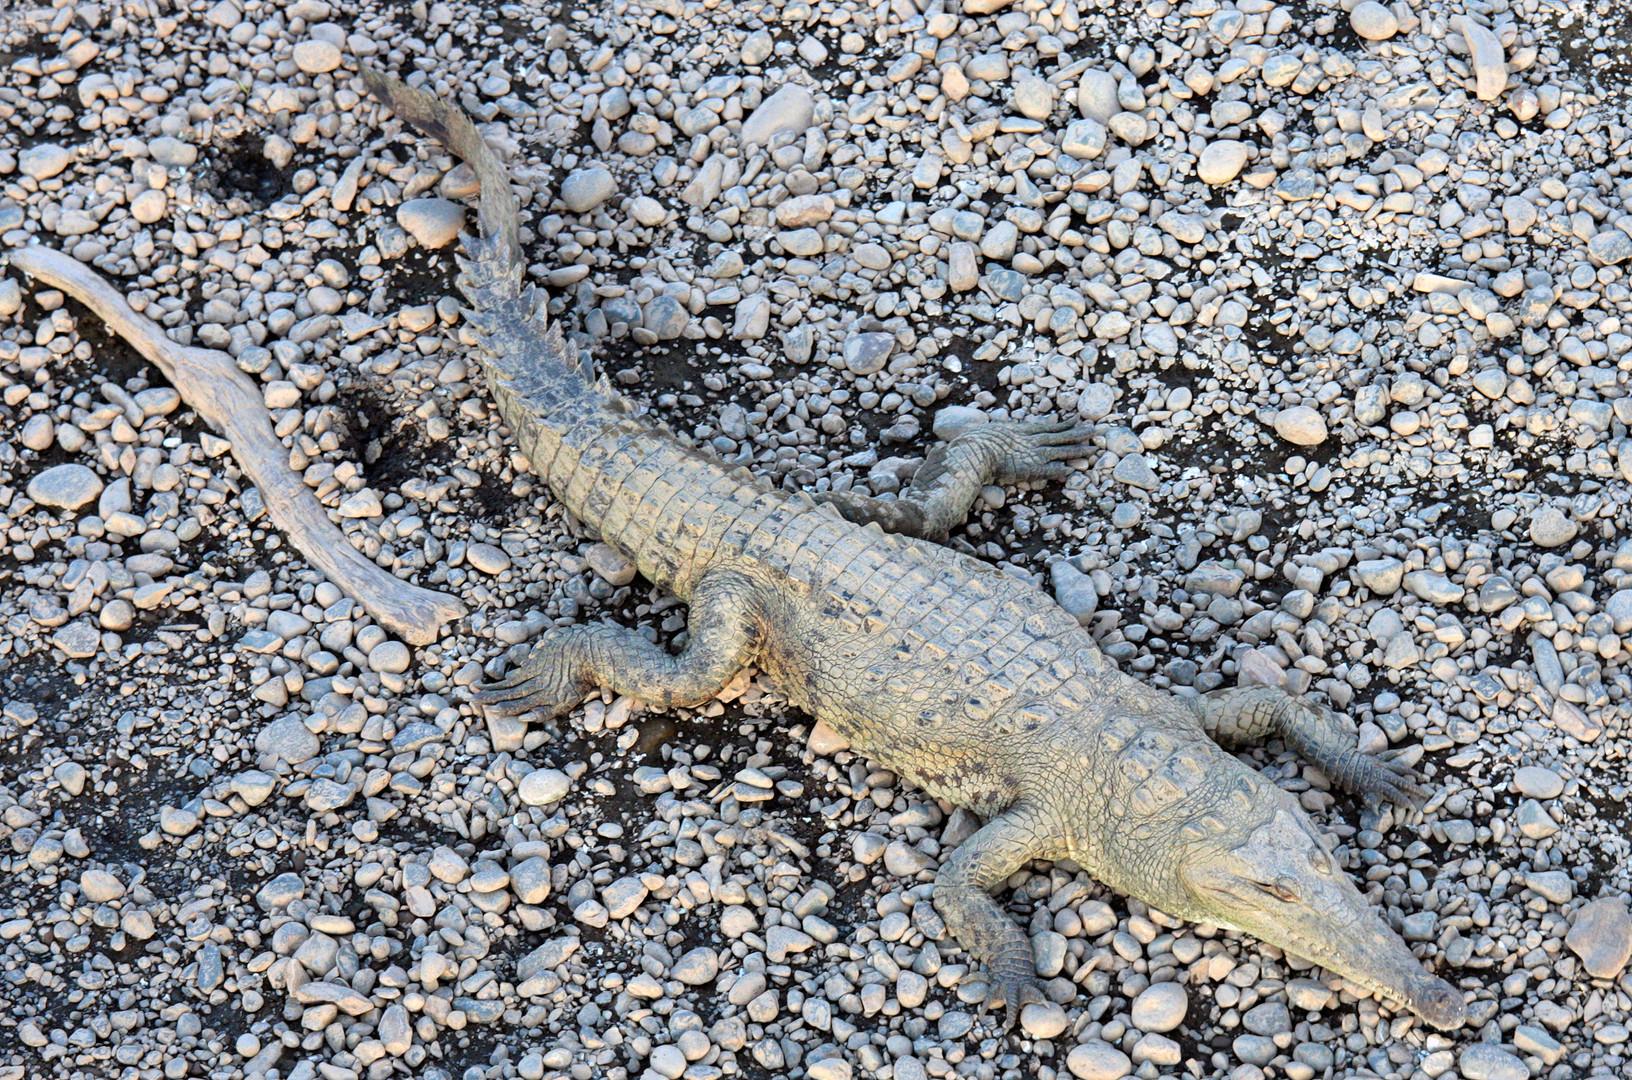 American Crocodile (Crocodylus acutus) , Rio de Grande Tarcoles, Costa Rica